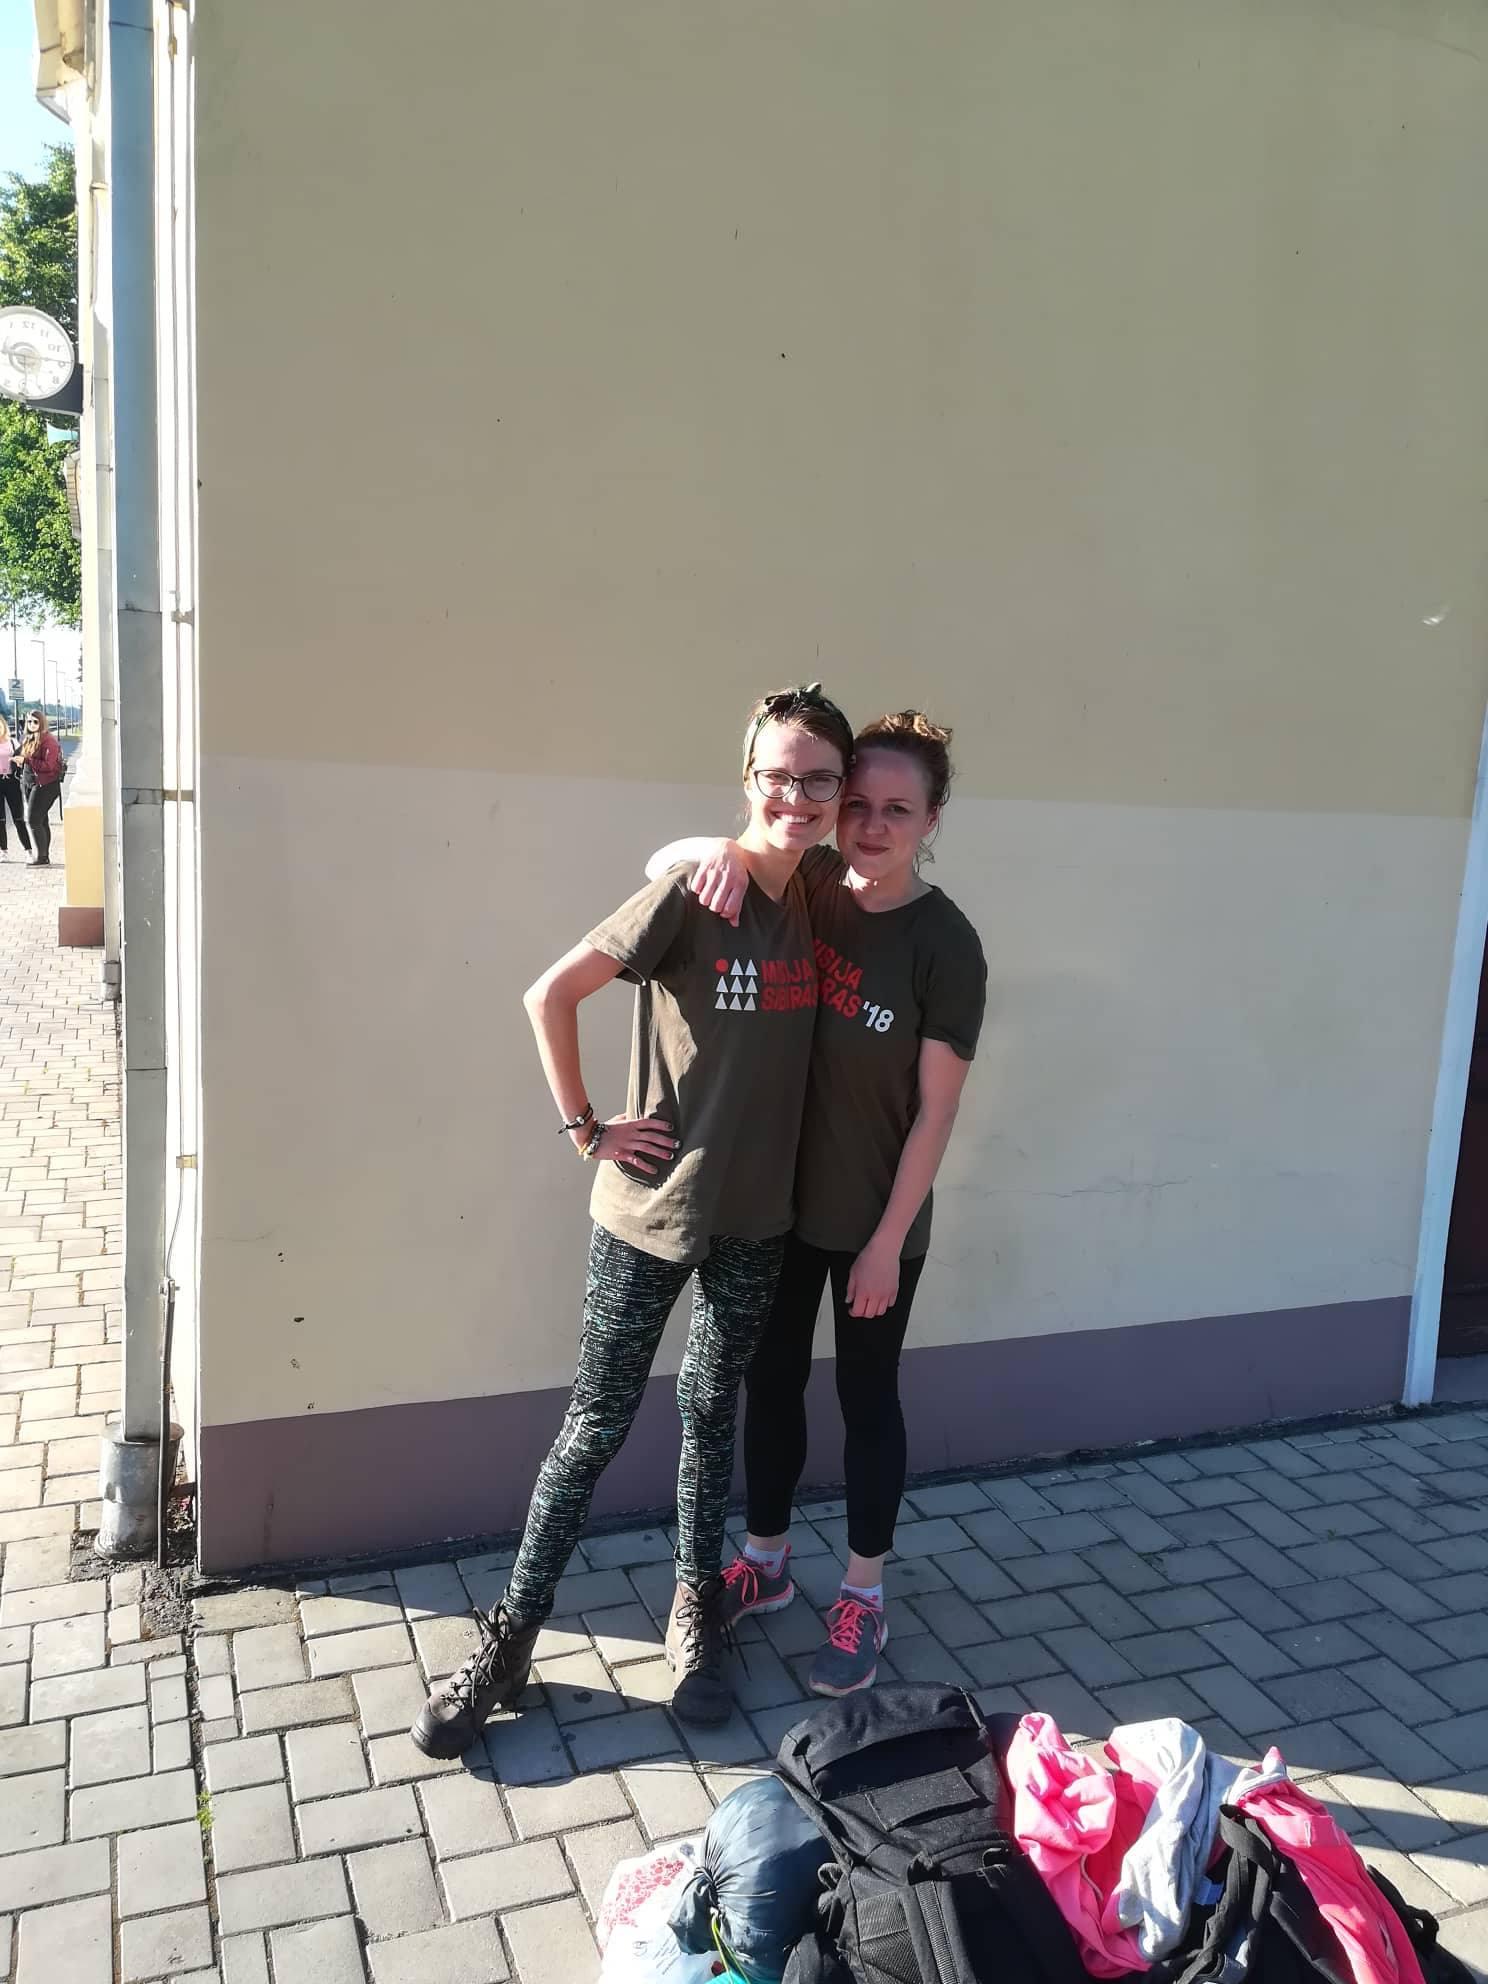 Su josvainiete Emilija Izabele Adomaityte (kairėje) per kelias dienas nužygiavome 74 kilometrus pėsčiomis… su 15 kilogramų kuprine, pilna žygeivių amunicijos, ant pečių. Supermerginos!